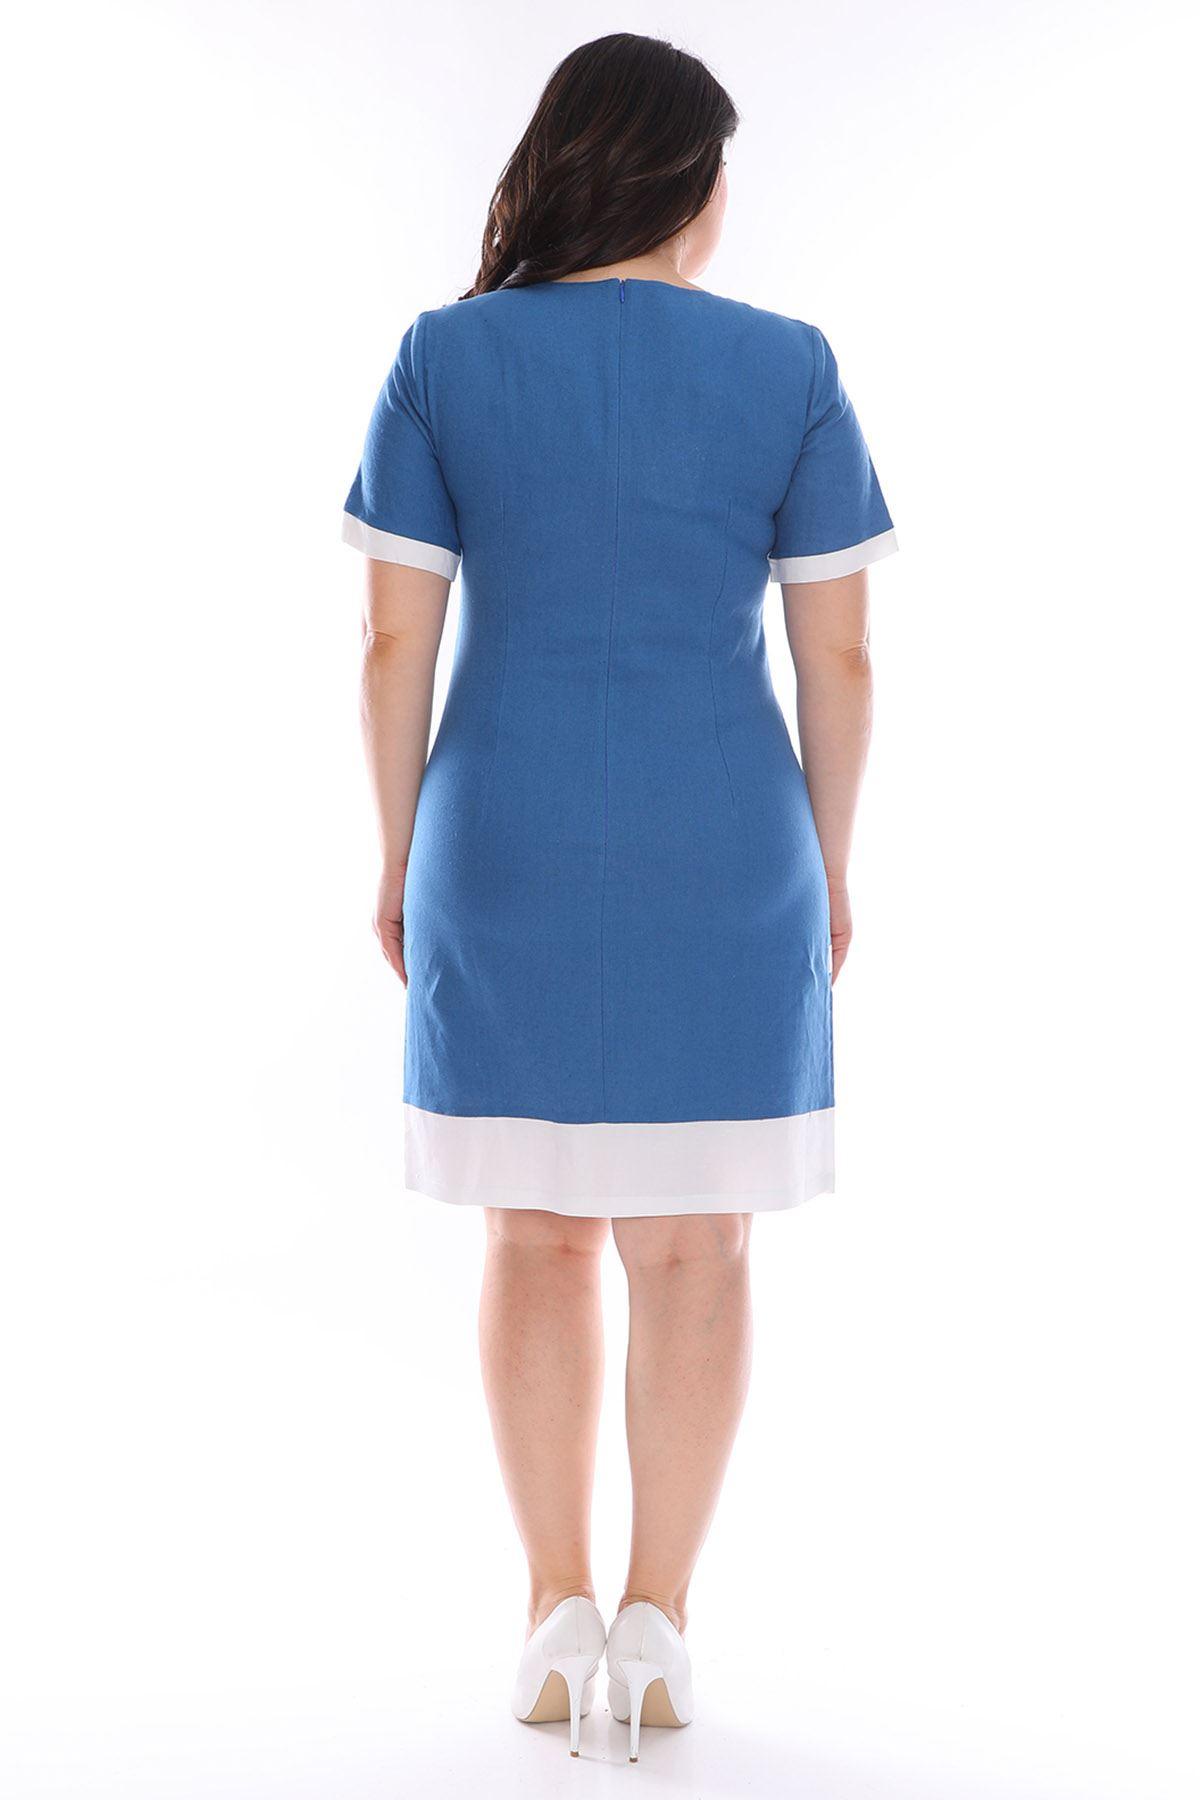 Mavi Beyaz Keten Elbise H3-0966